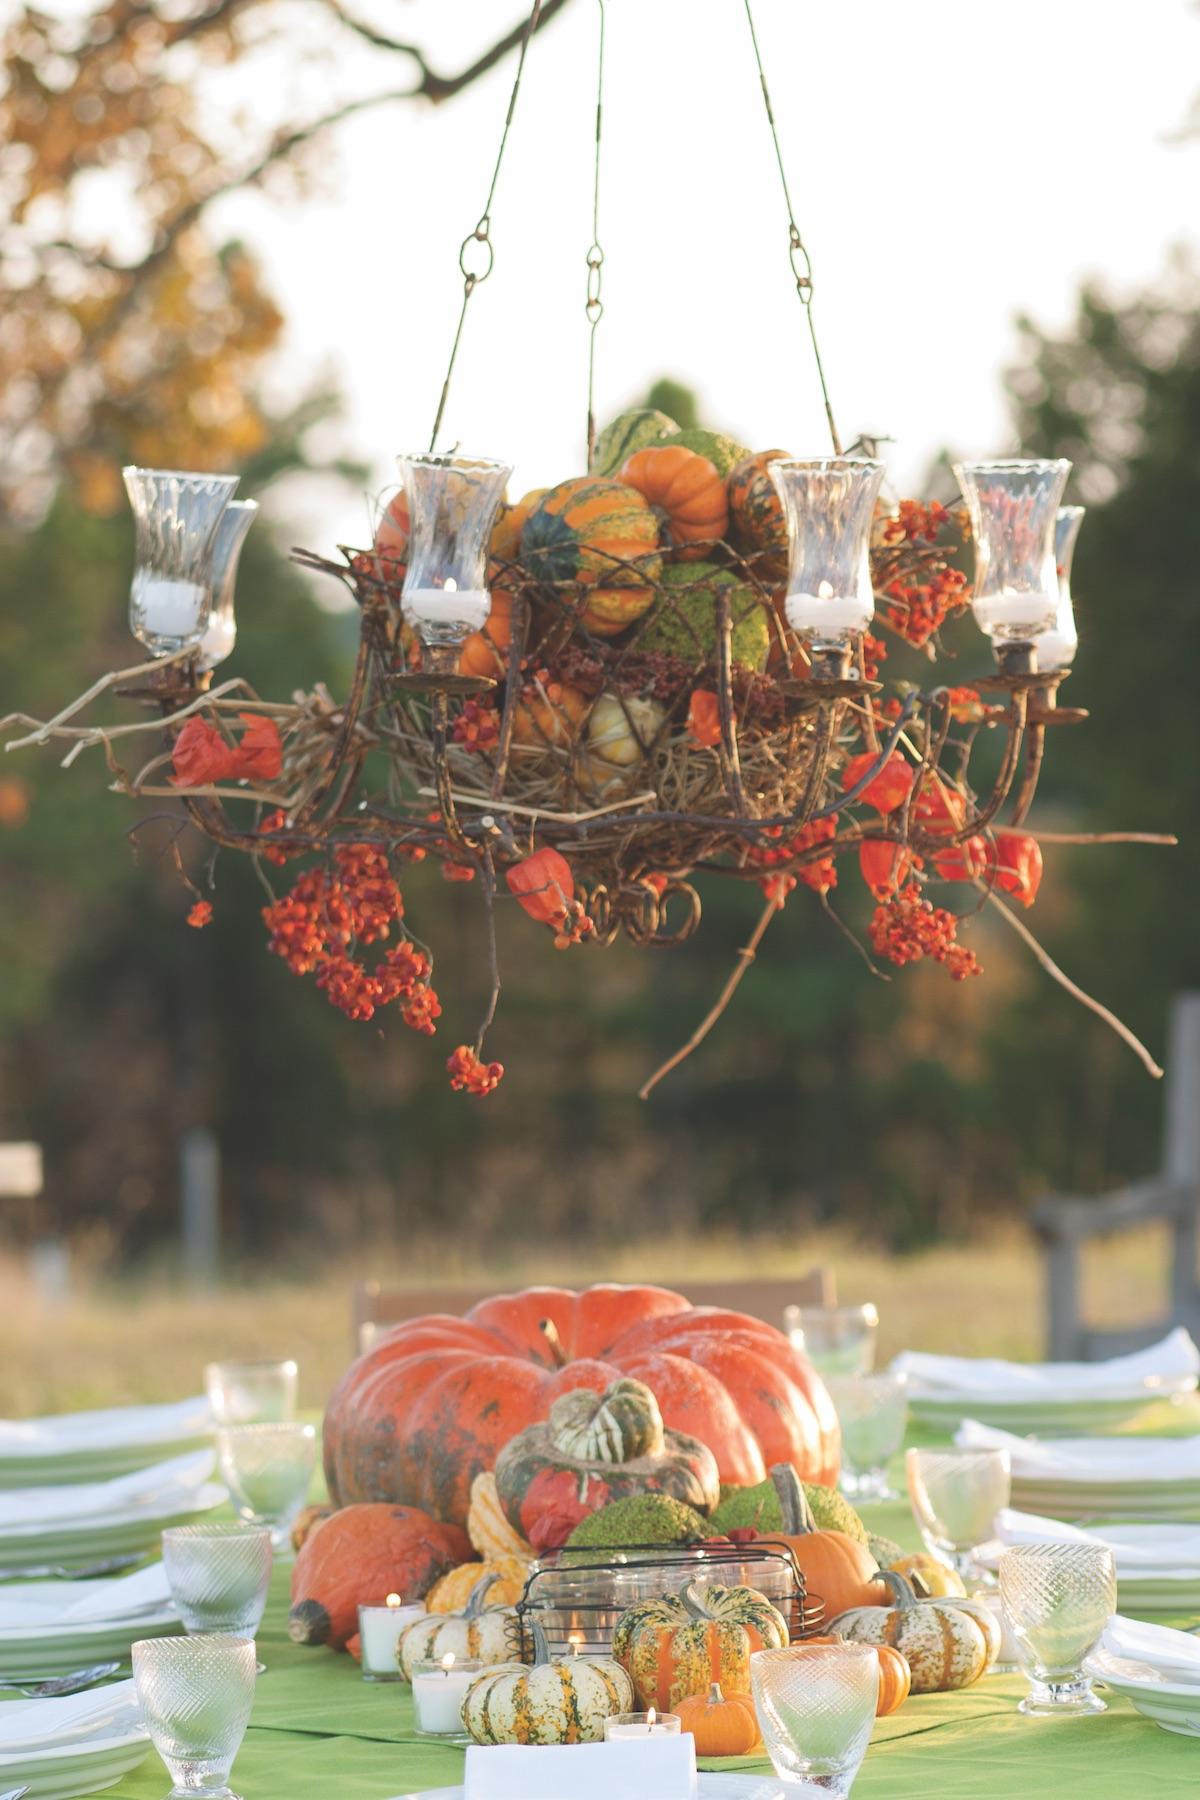 Pumpkin varieties, ornamental pumpkins